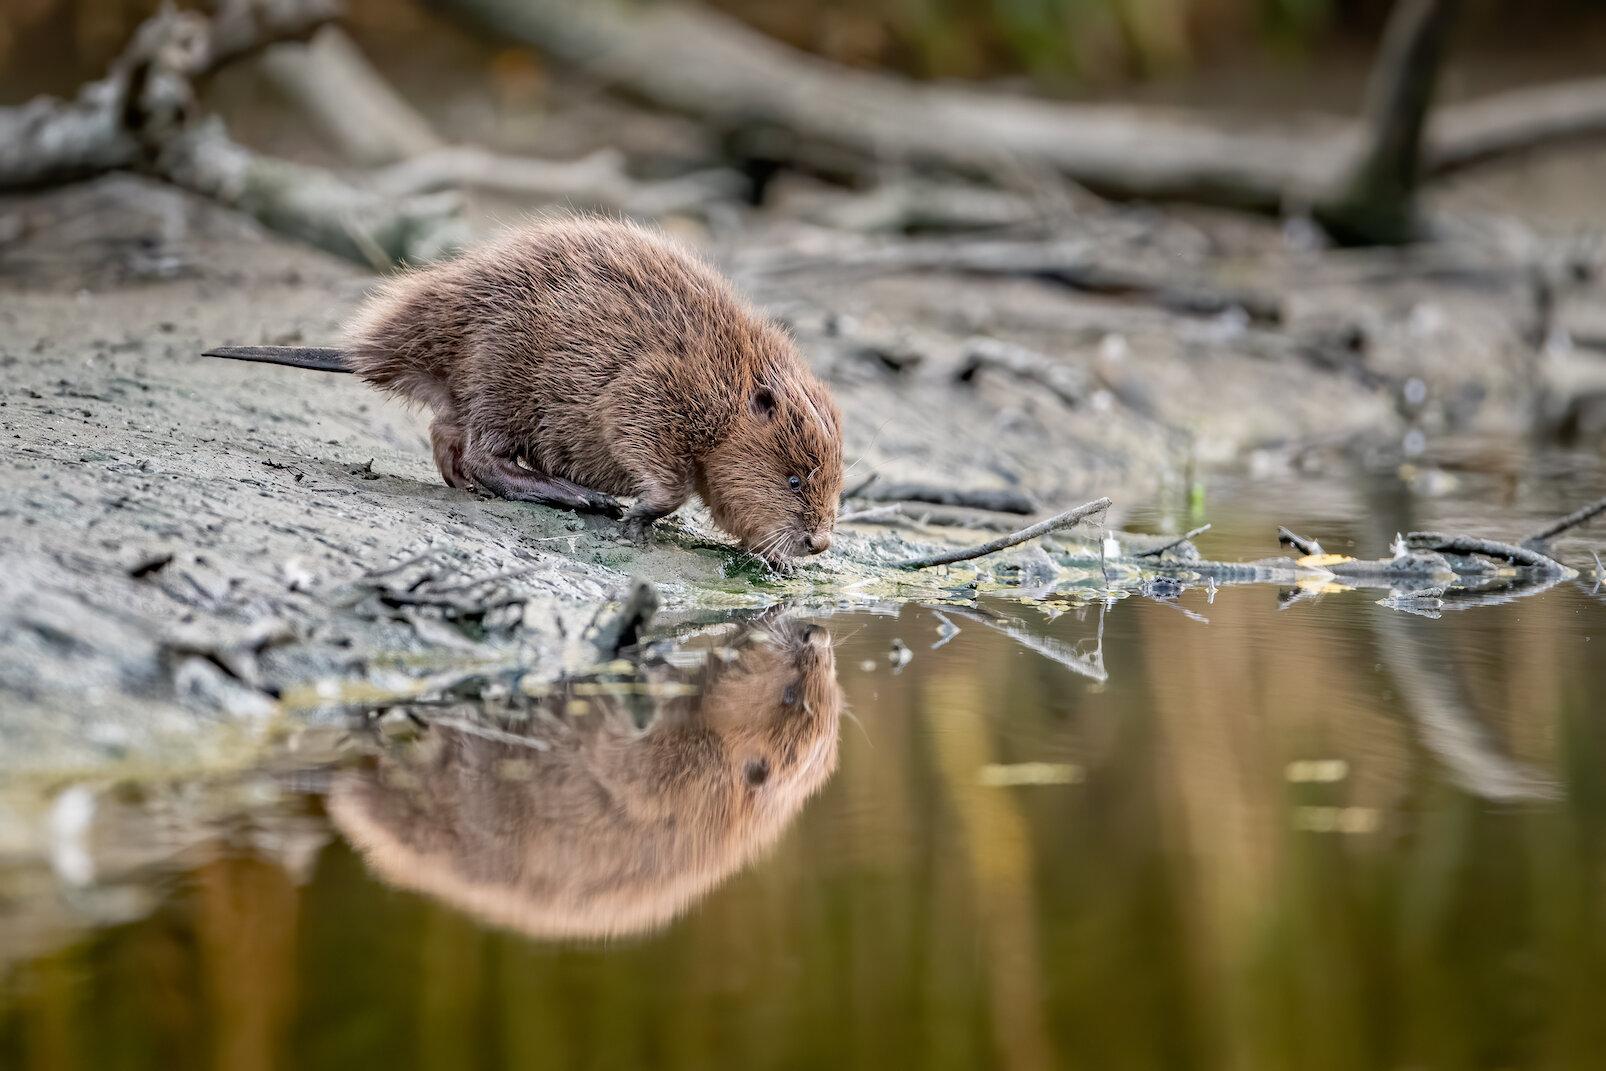 Bever ziet eigen spiegelbeeld aan de waterkant